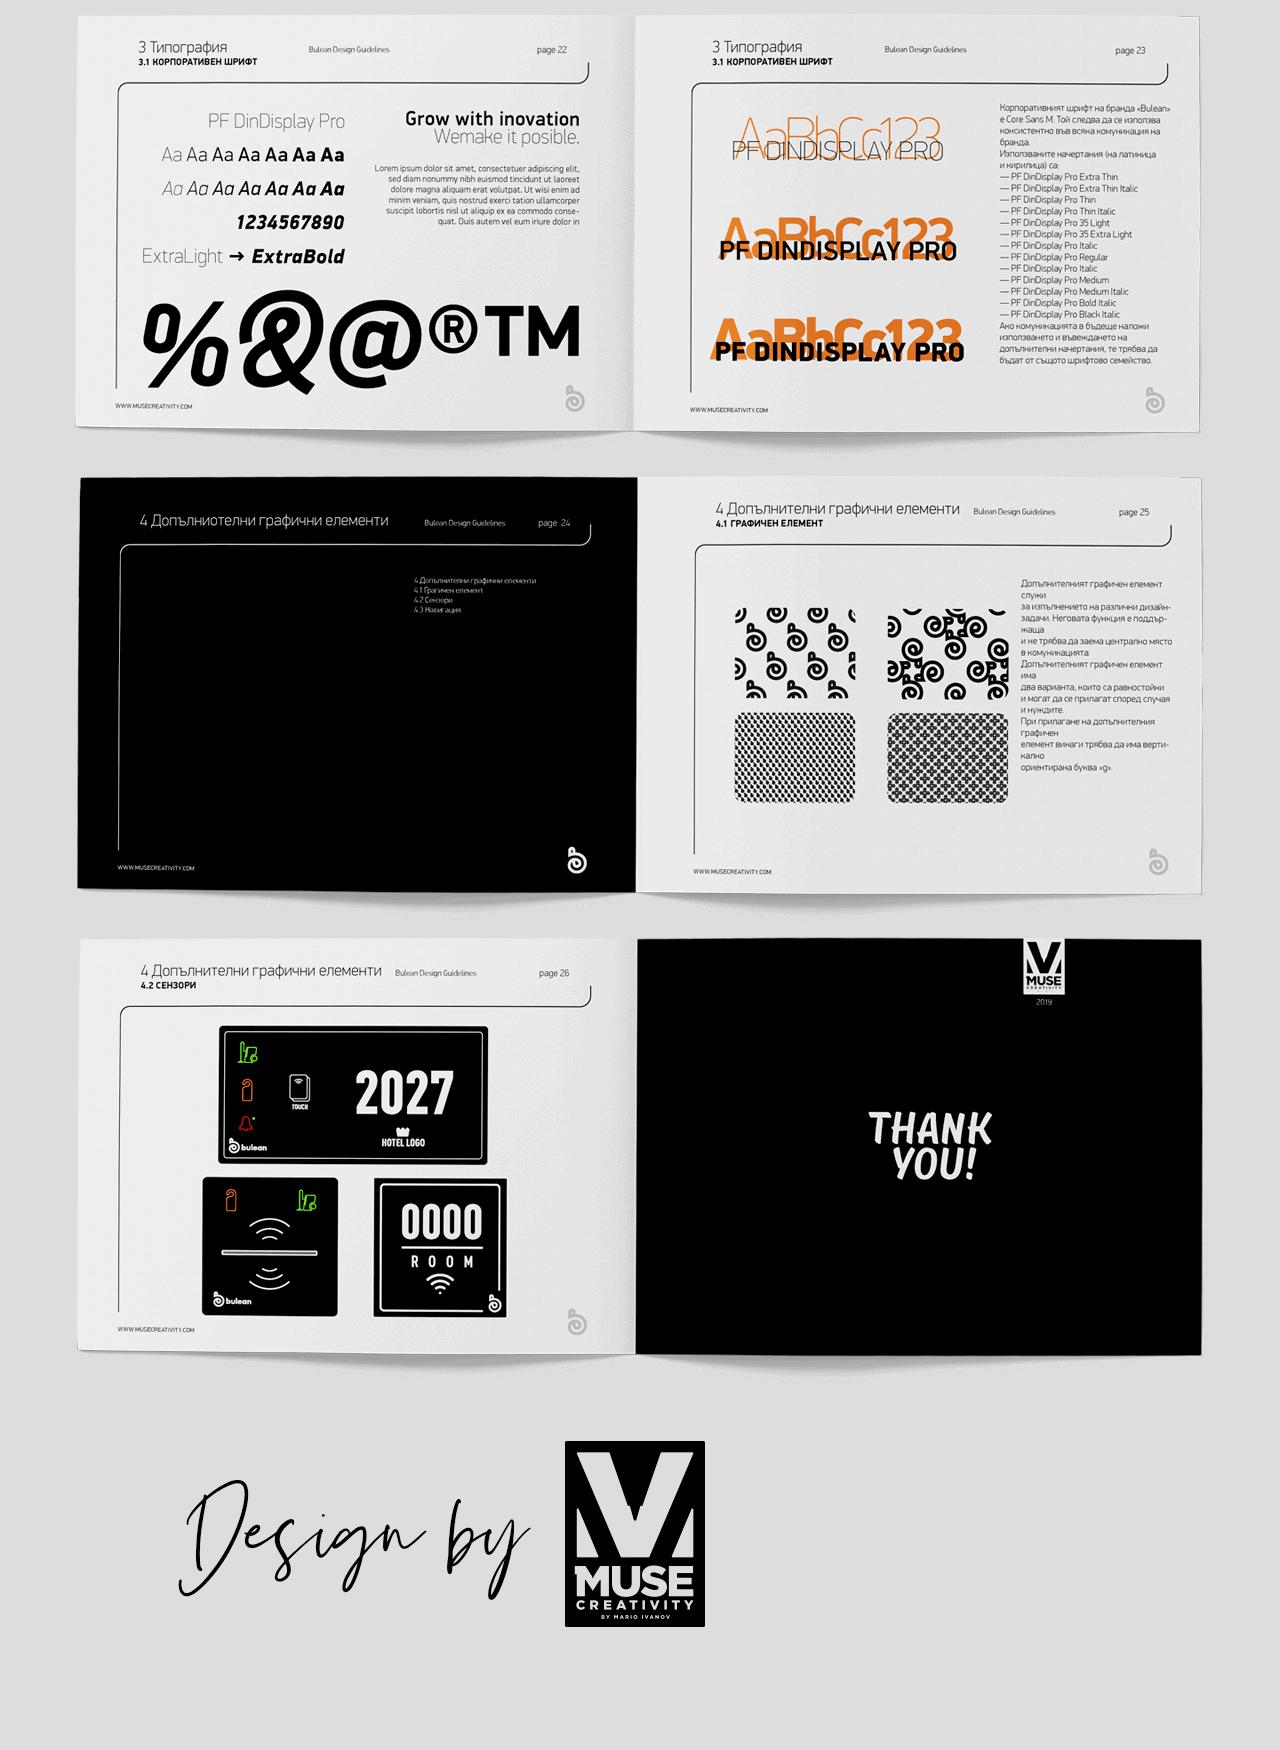 Bulean Ръководство, бранд, лого, идентичност дизайн проектиране от Muse Creativity 4